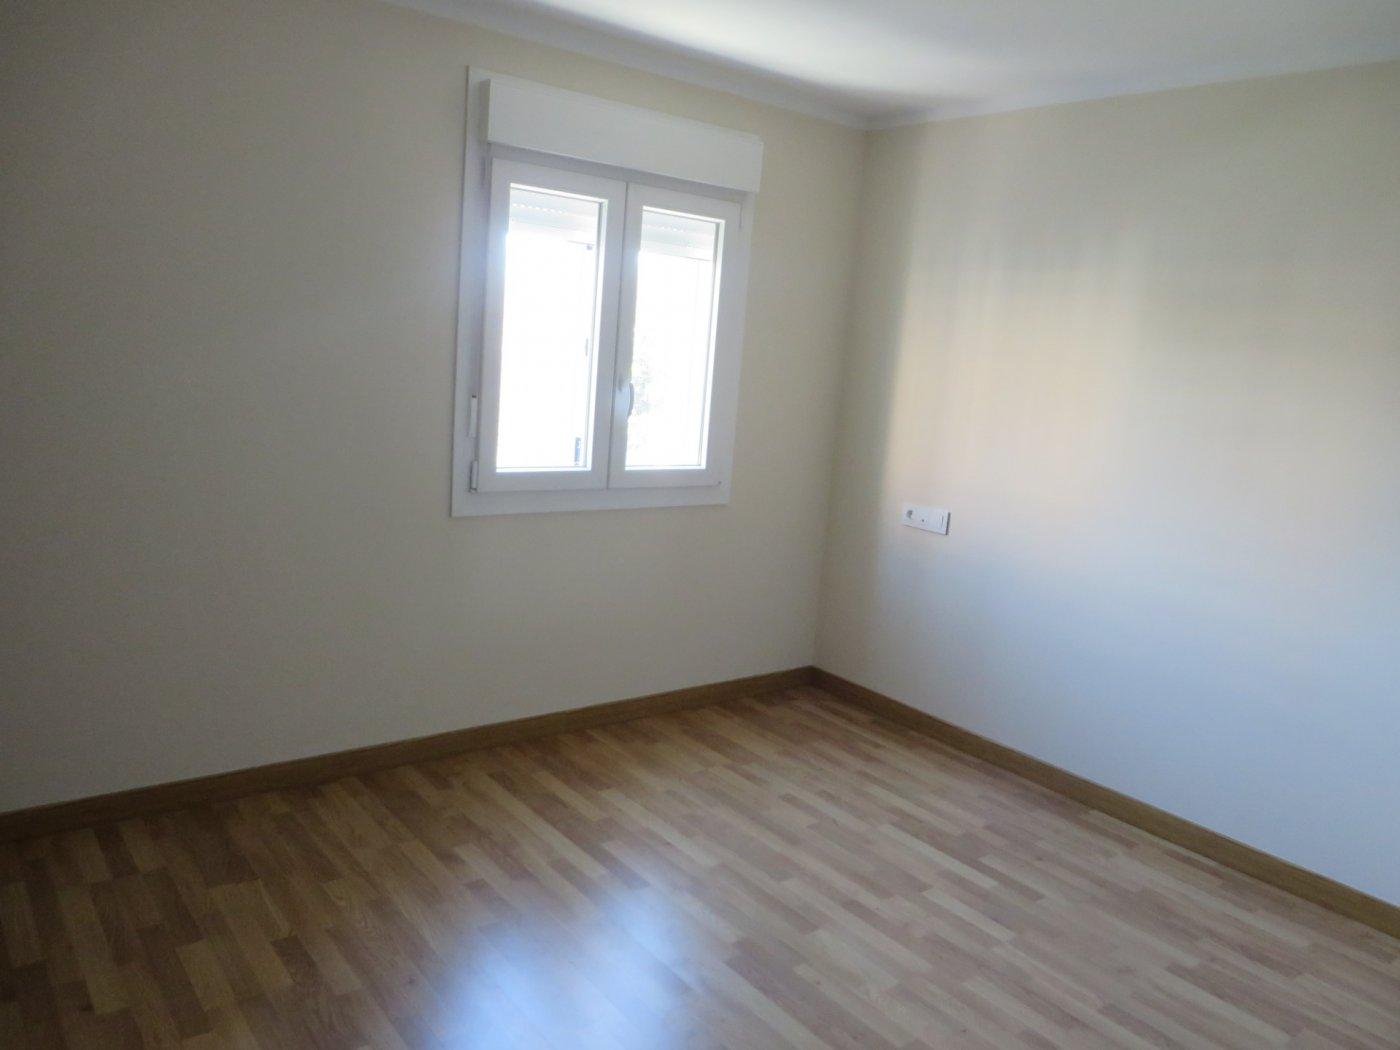 Vivienda en alquiler, como nueva a estrenar, de tres dormitorios en avda. ollerías. - imagenInmueble19